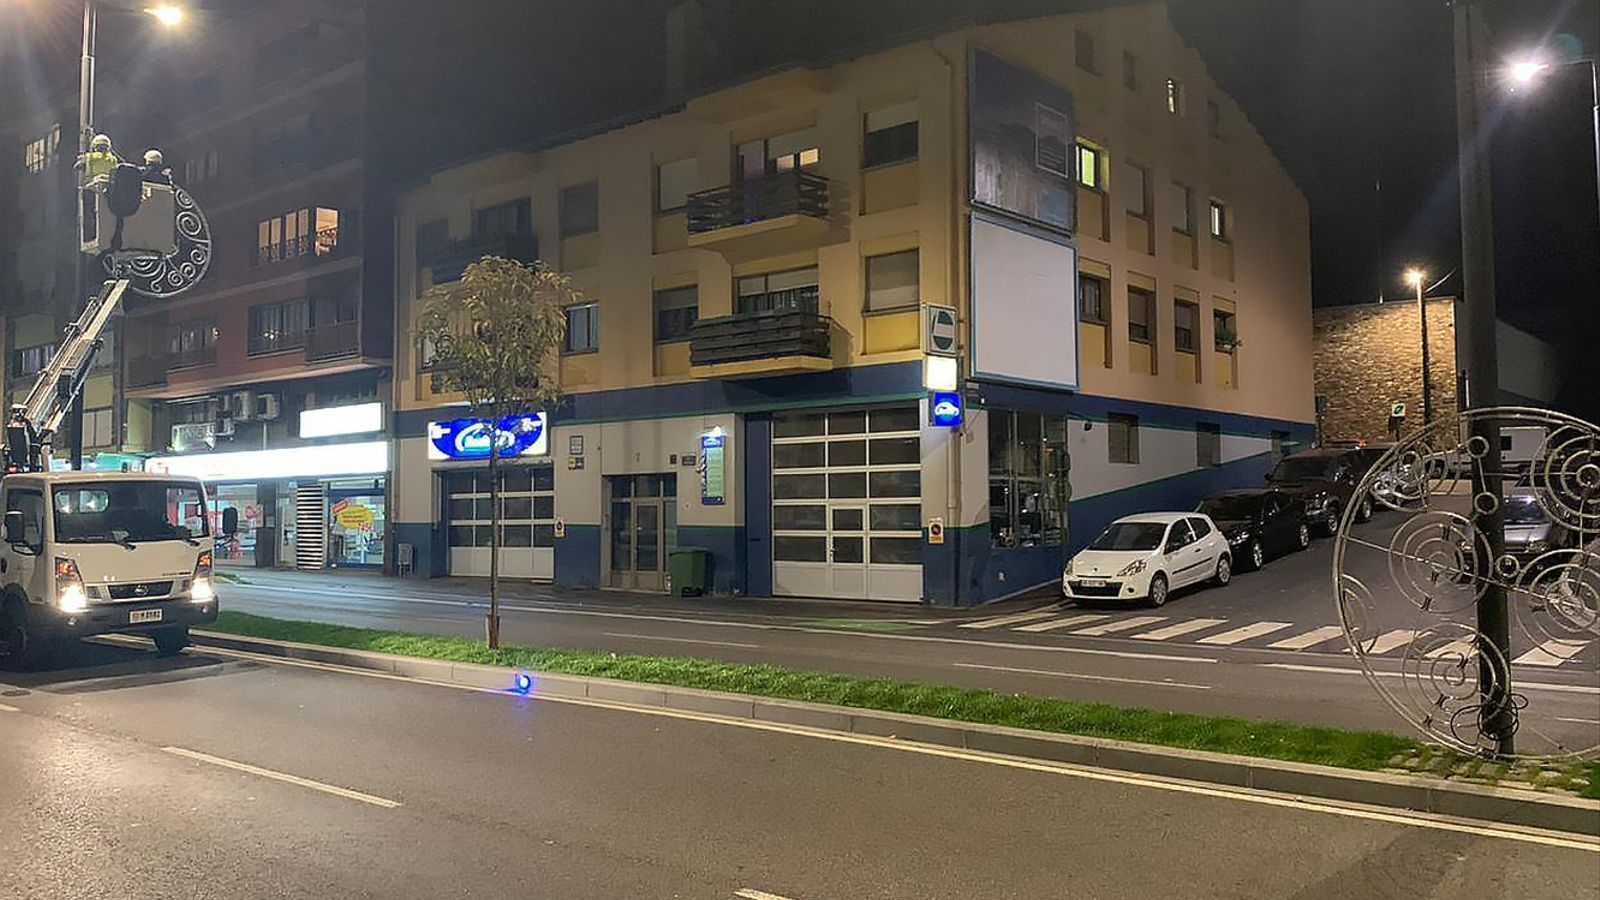 La instal·lació dels llums de Nadal aquesta setmana a Andorra la Vella. / C. A.